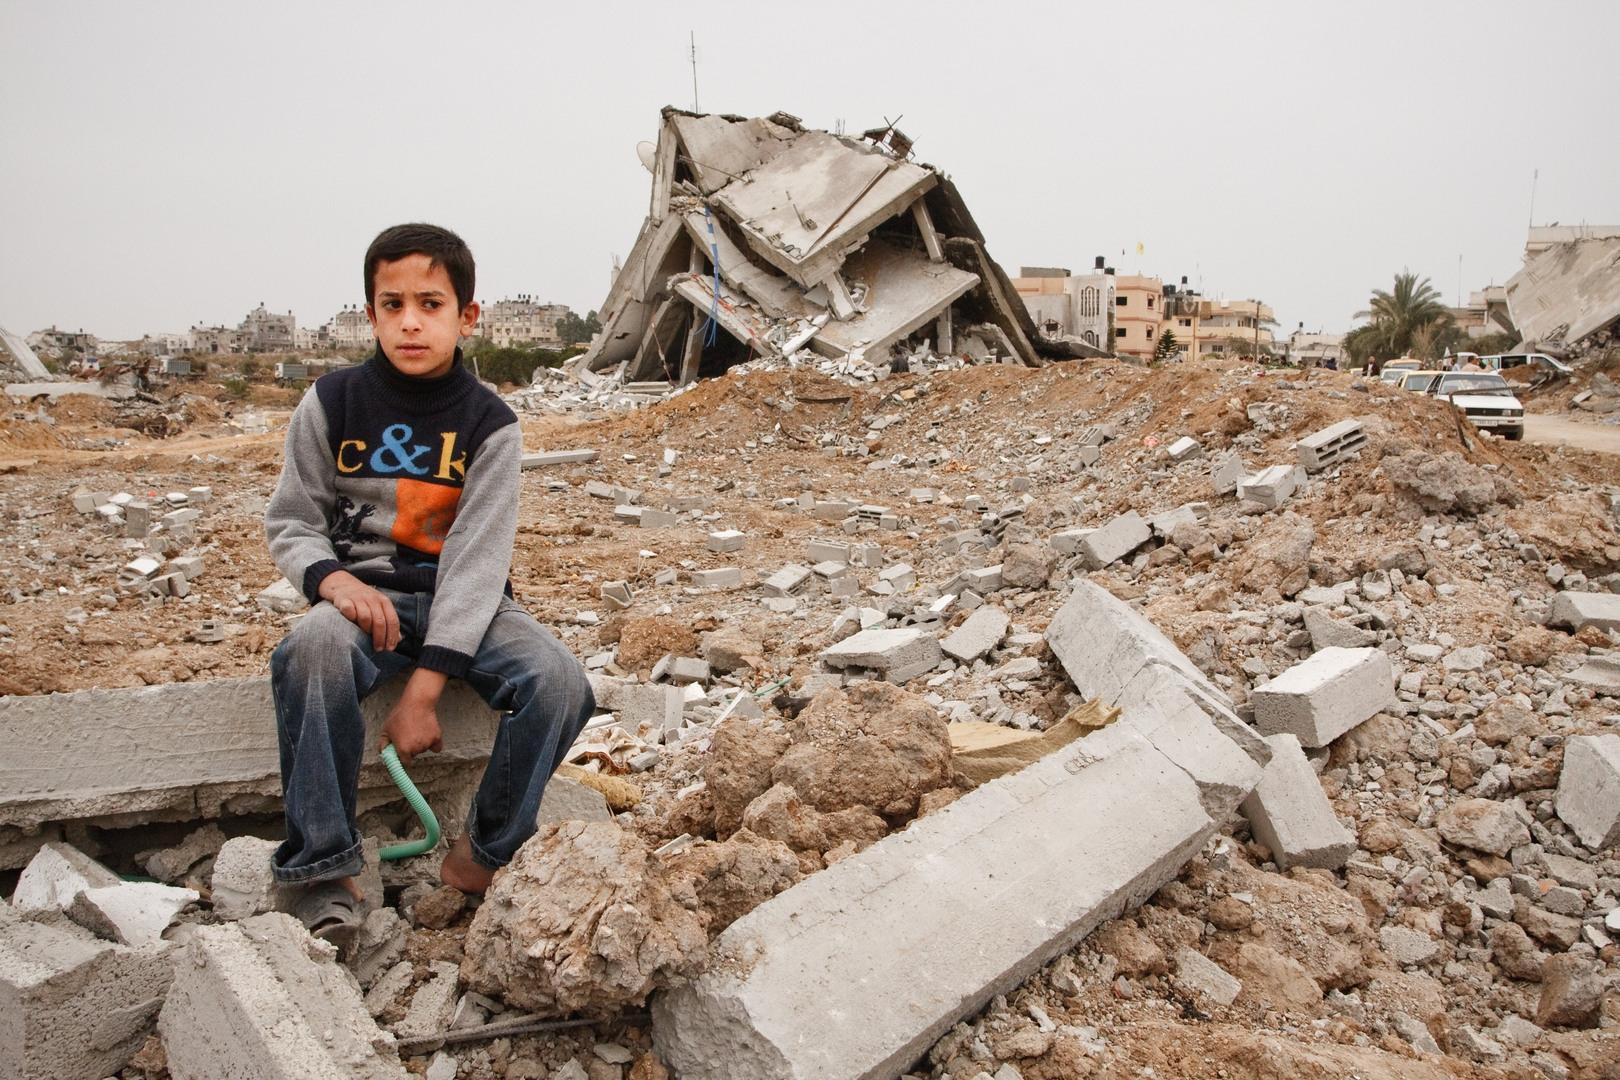 إسرائيل أوشكت على الانسحاب من غزة